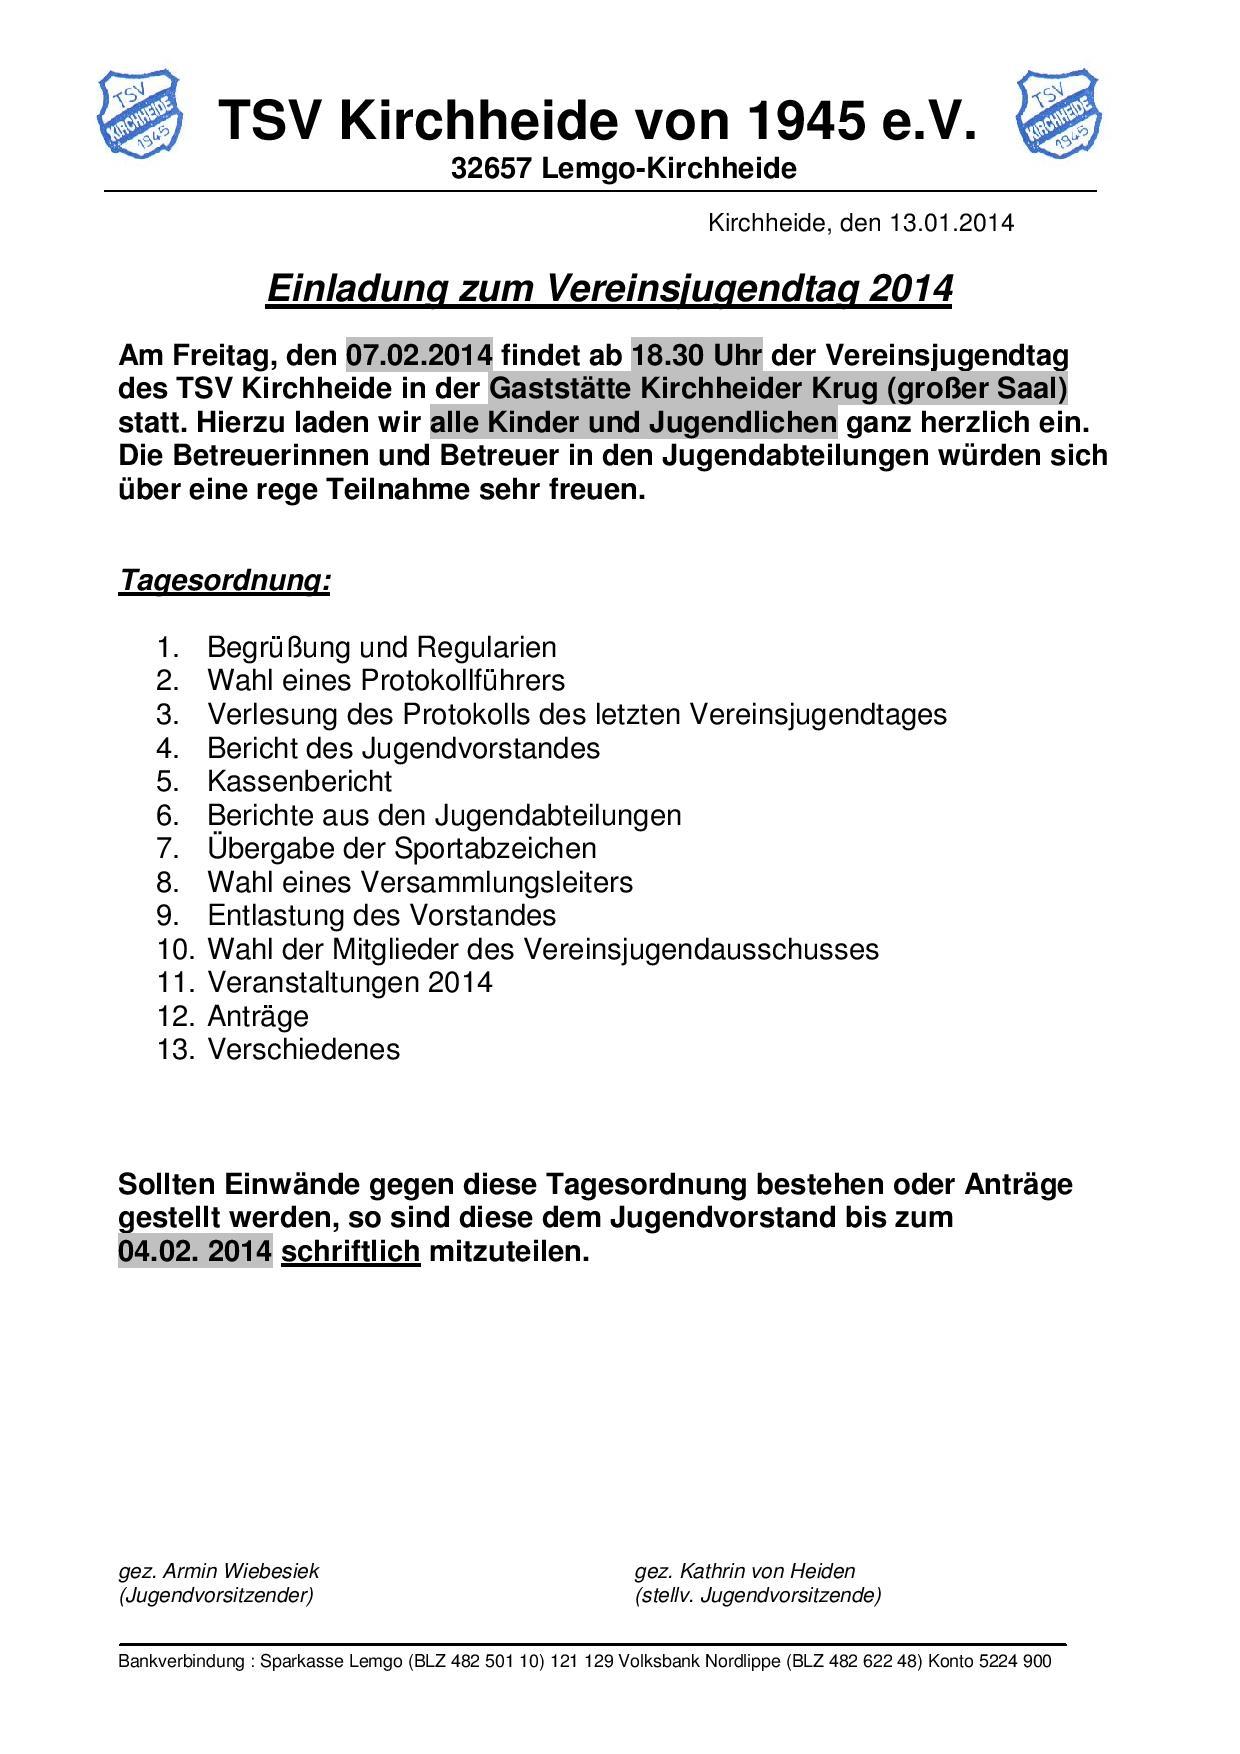 Einladung_Vereinsjugendtag_2014-page-001